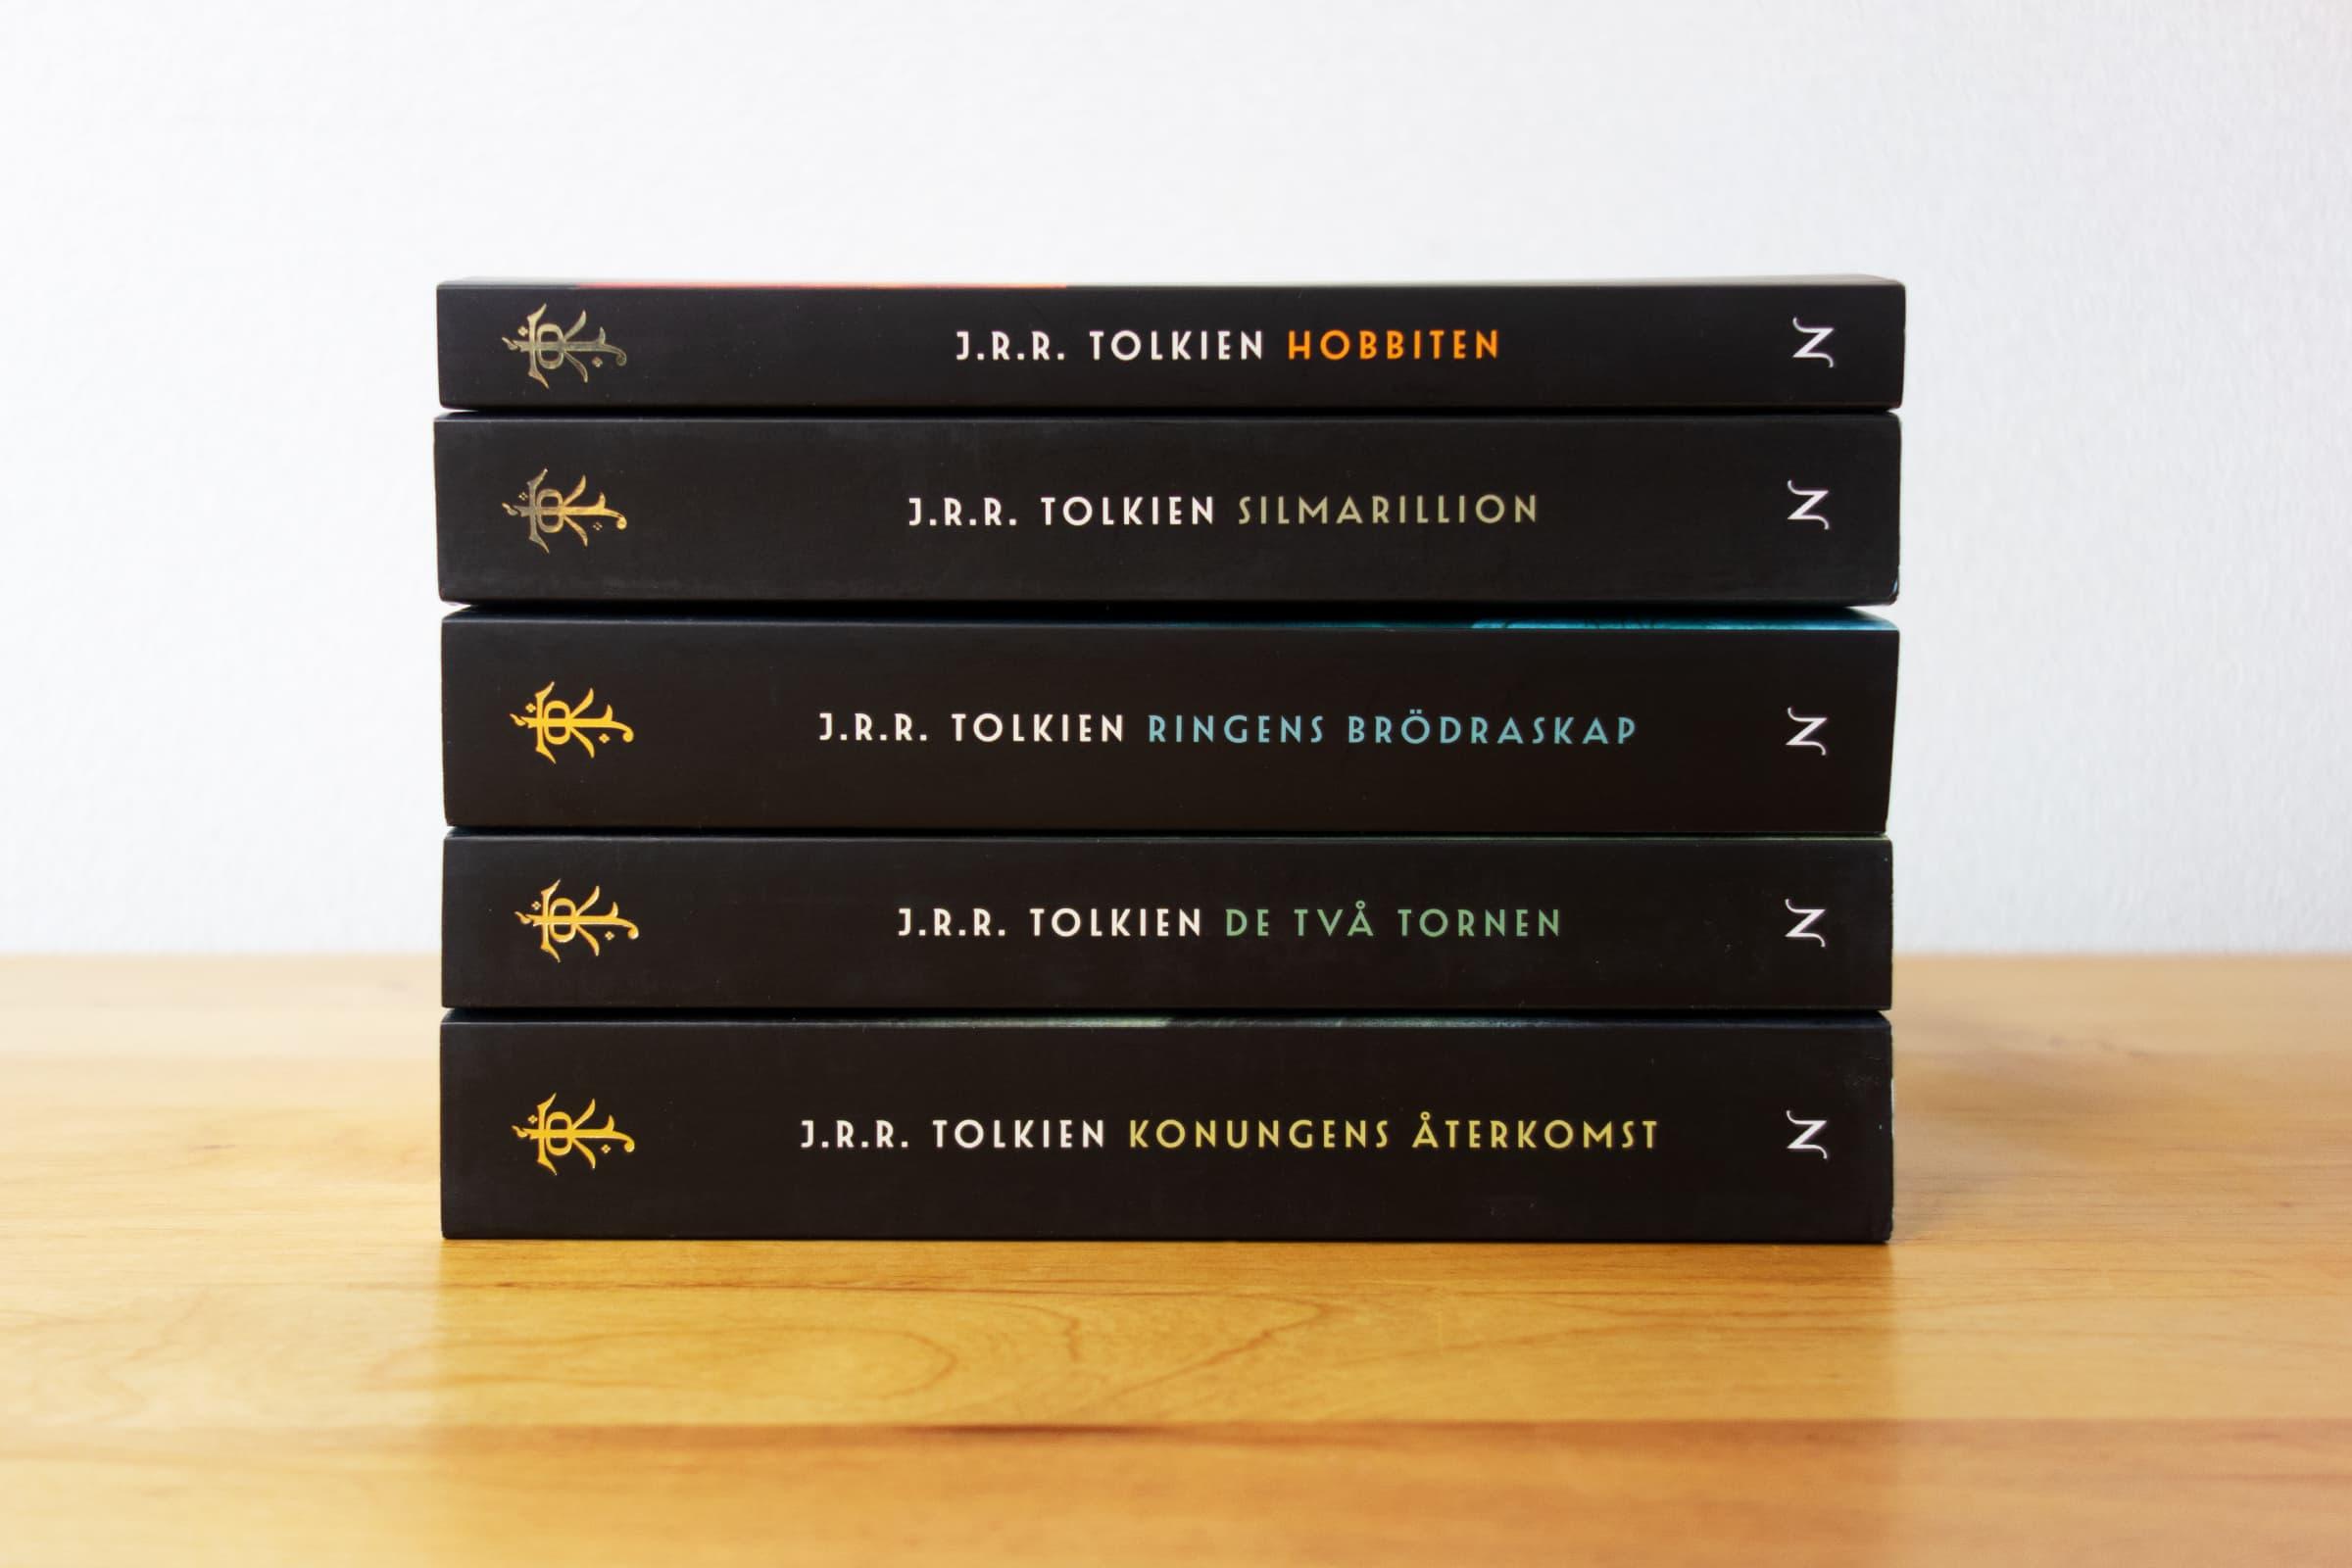 スウェーデン語版トールキン作品 背表紙